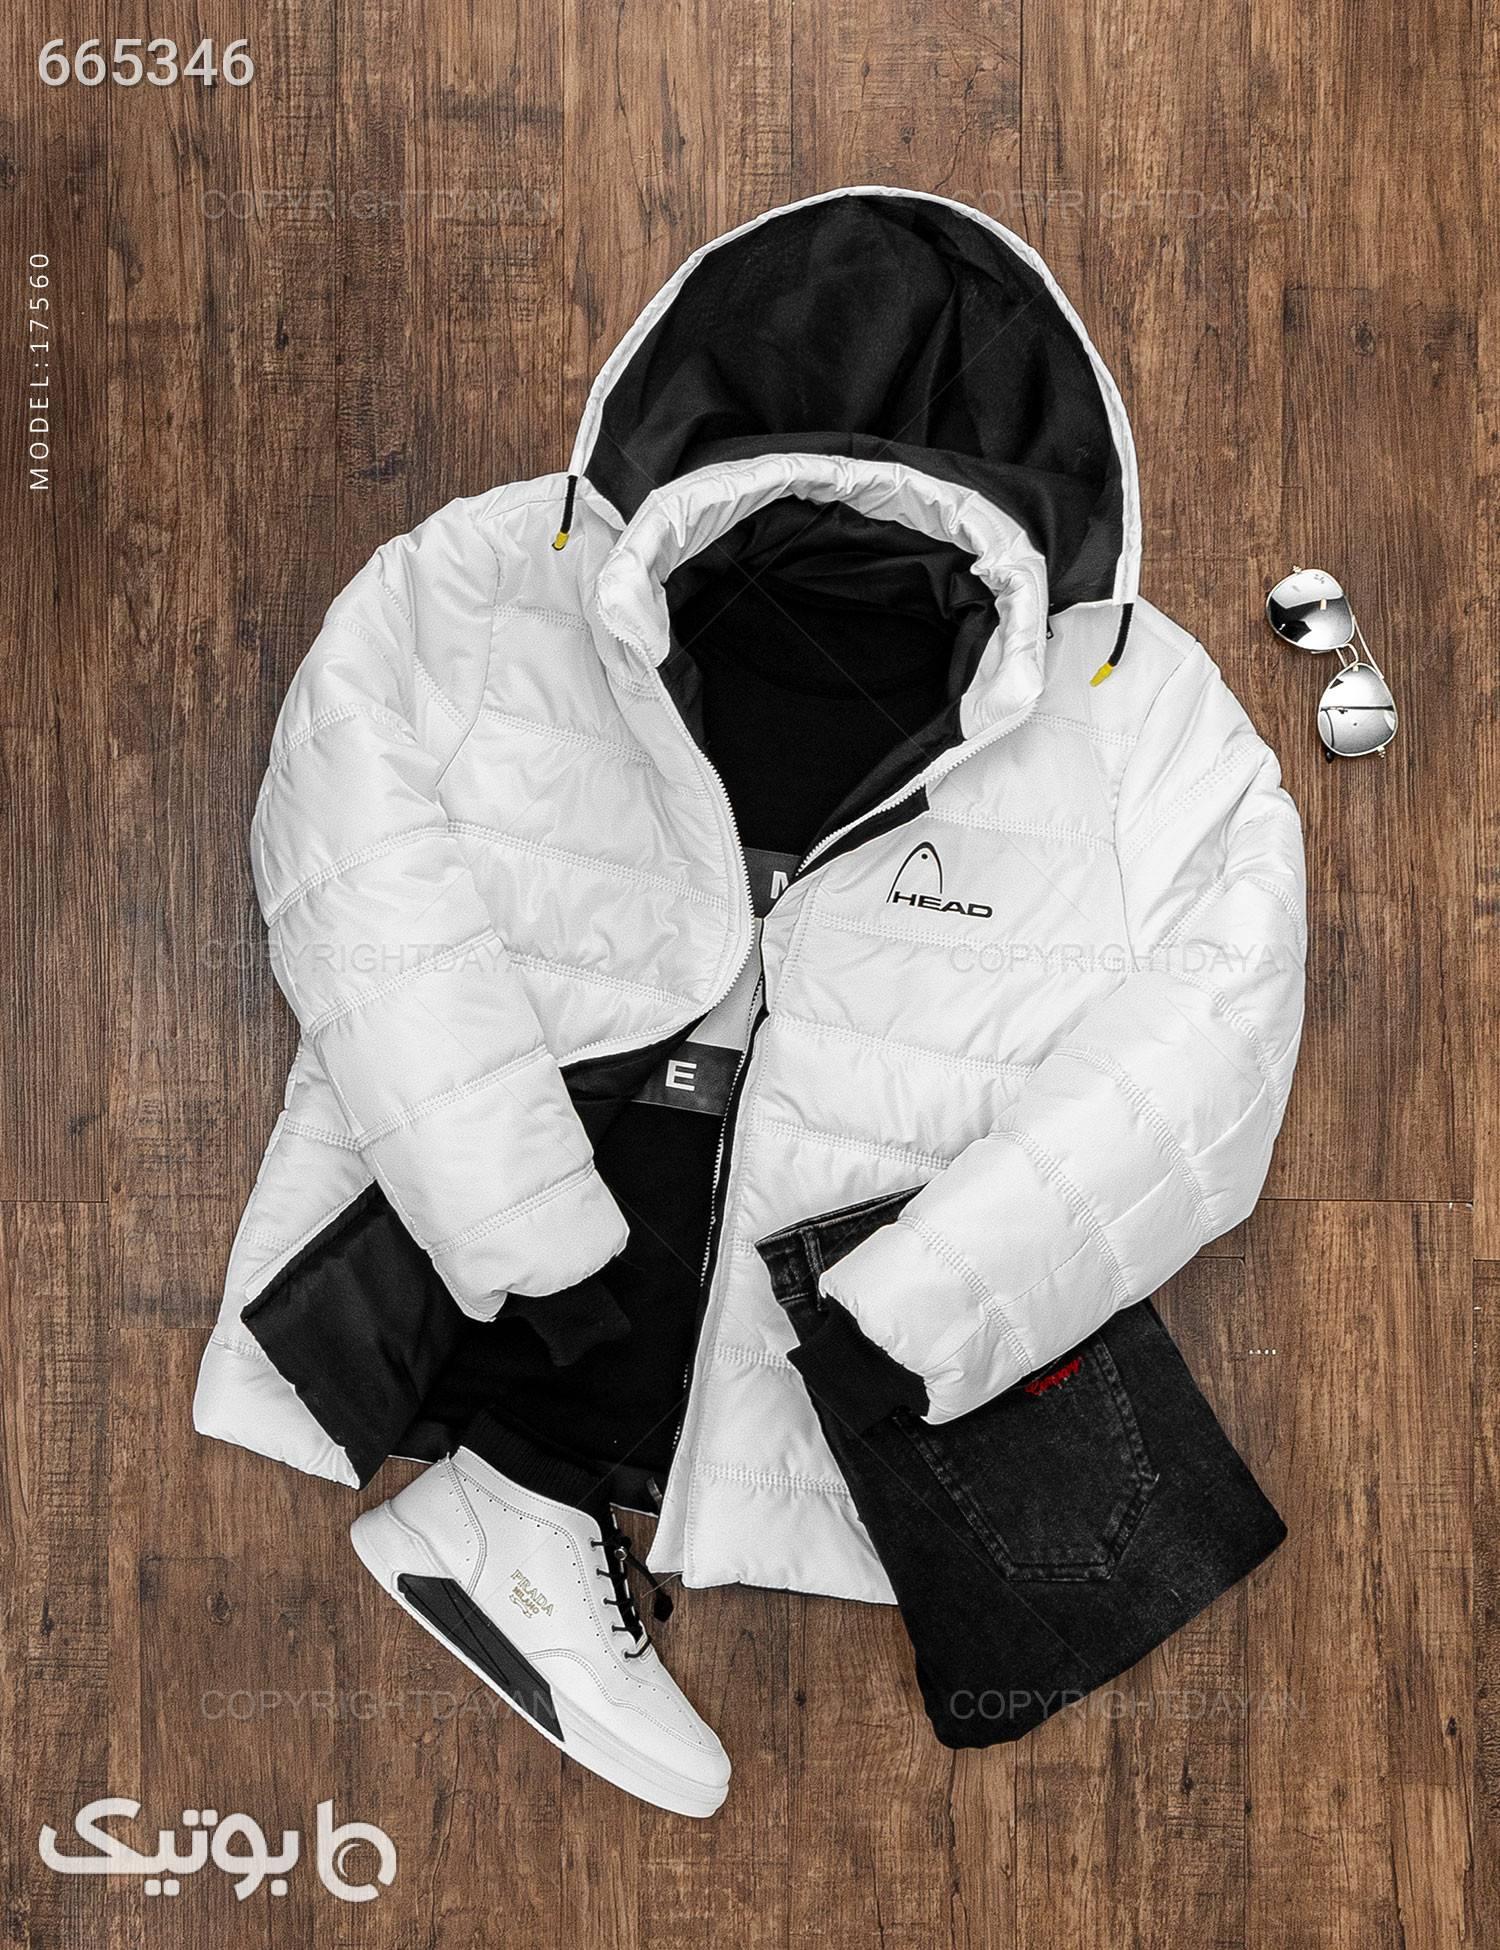 کاپشن مردانه Araz مدل 17560 سفید کاپشن و بارانی مردانه